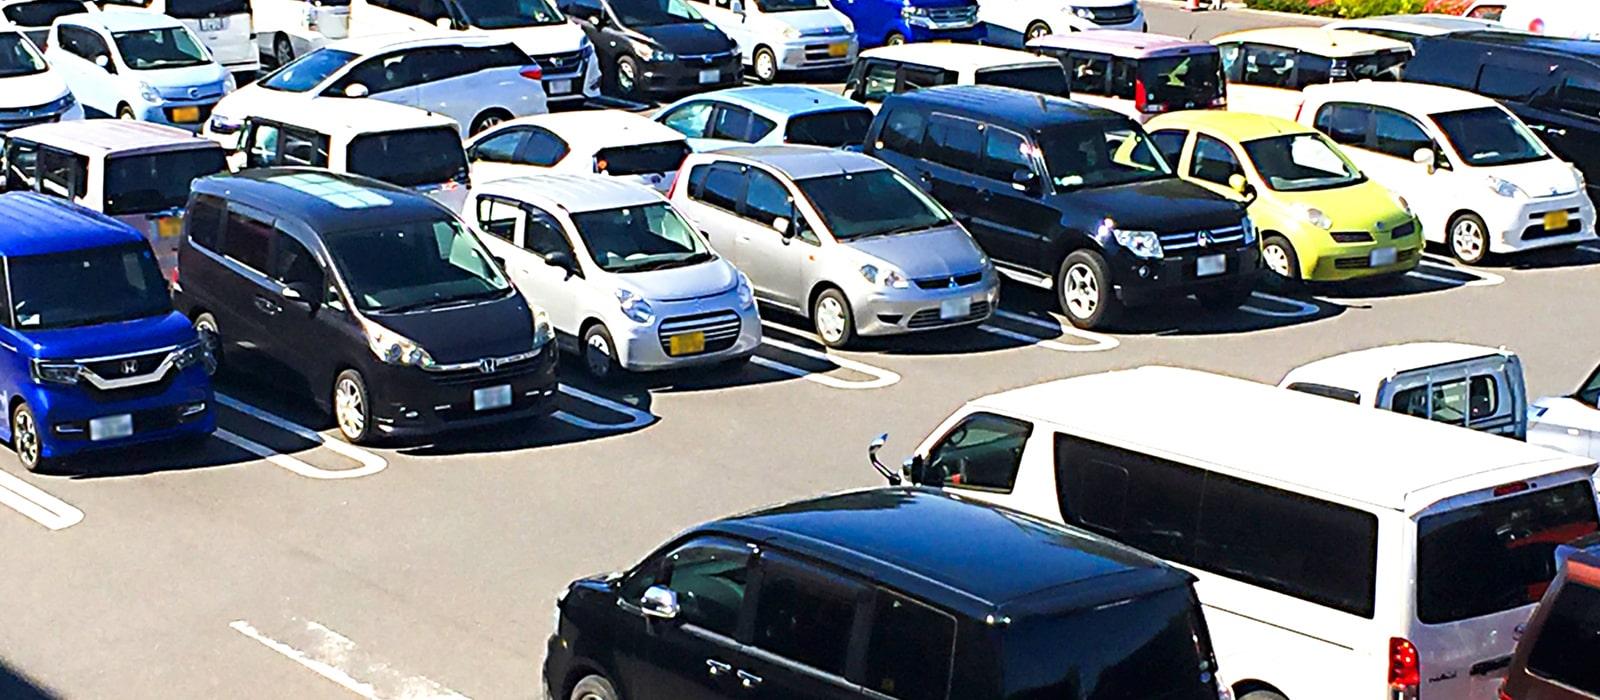 main_visual_parking-min